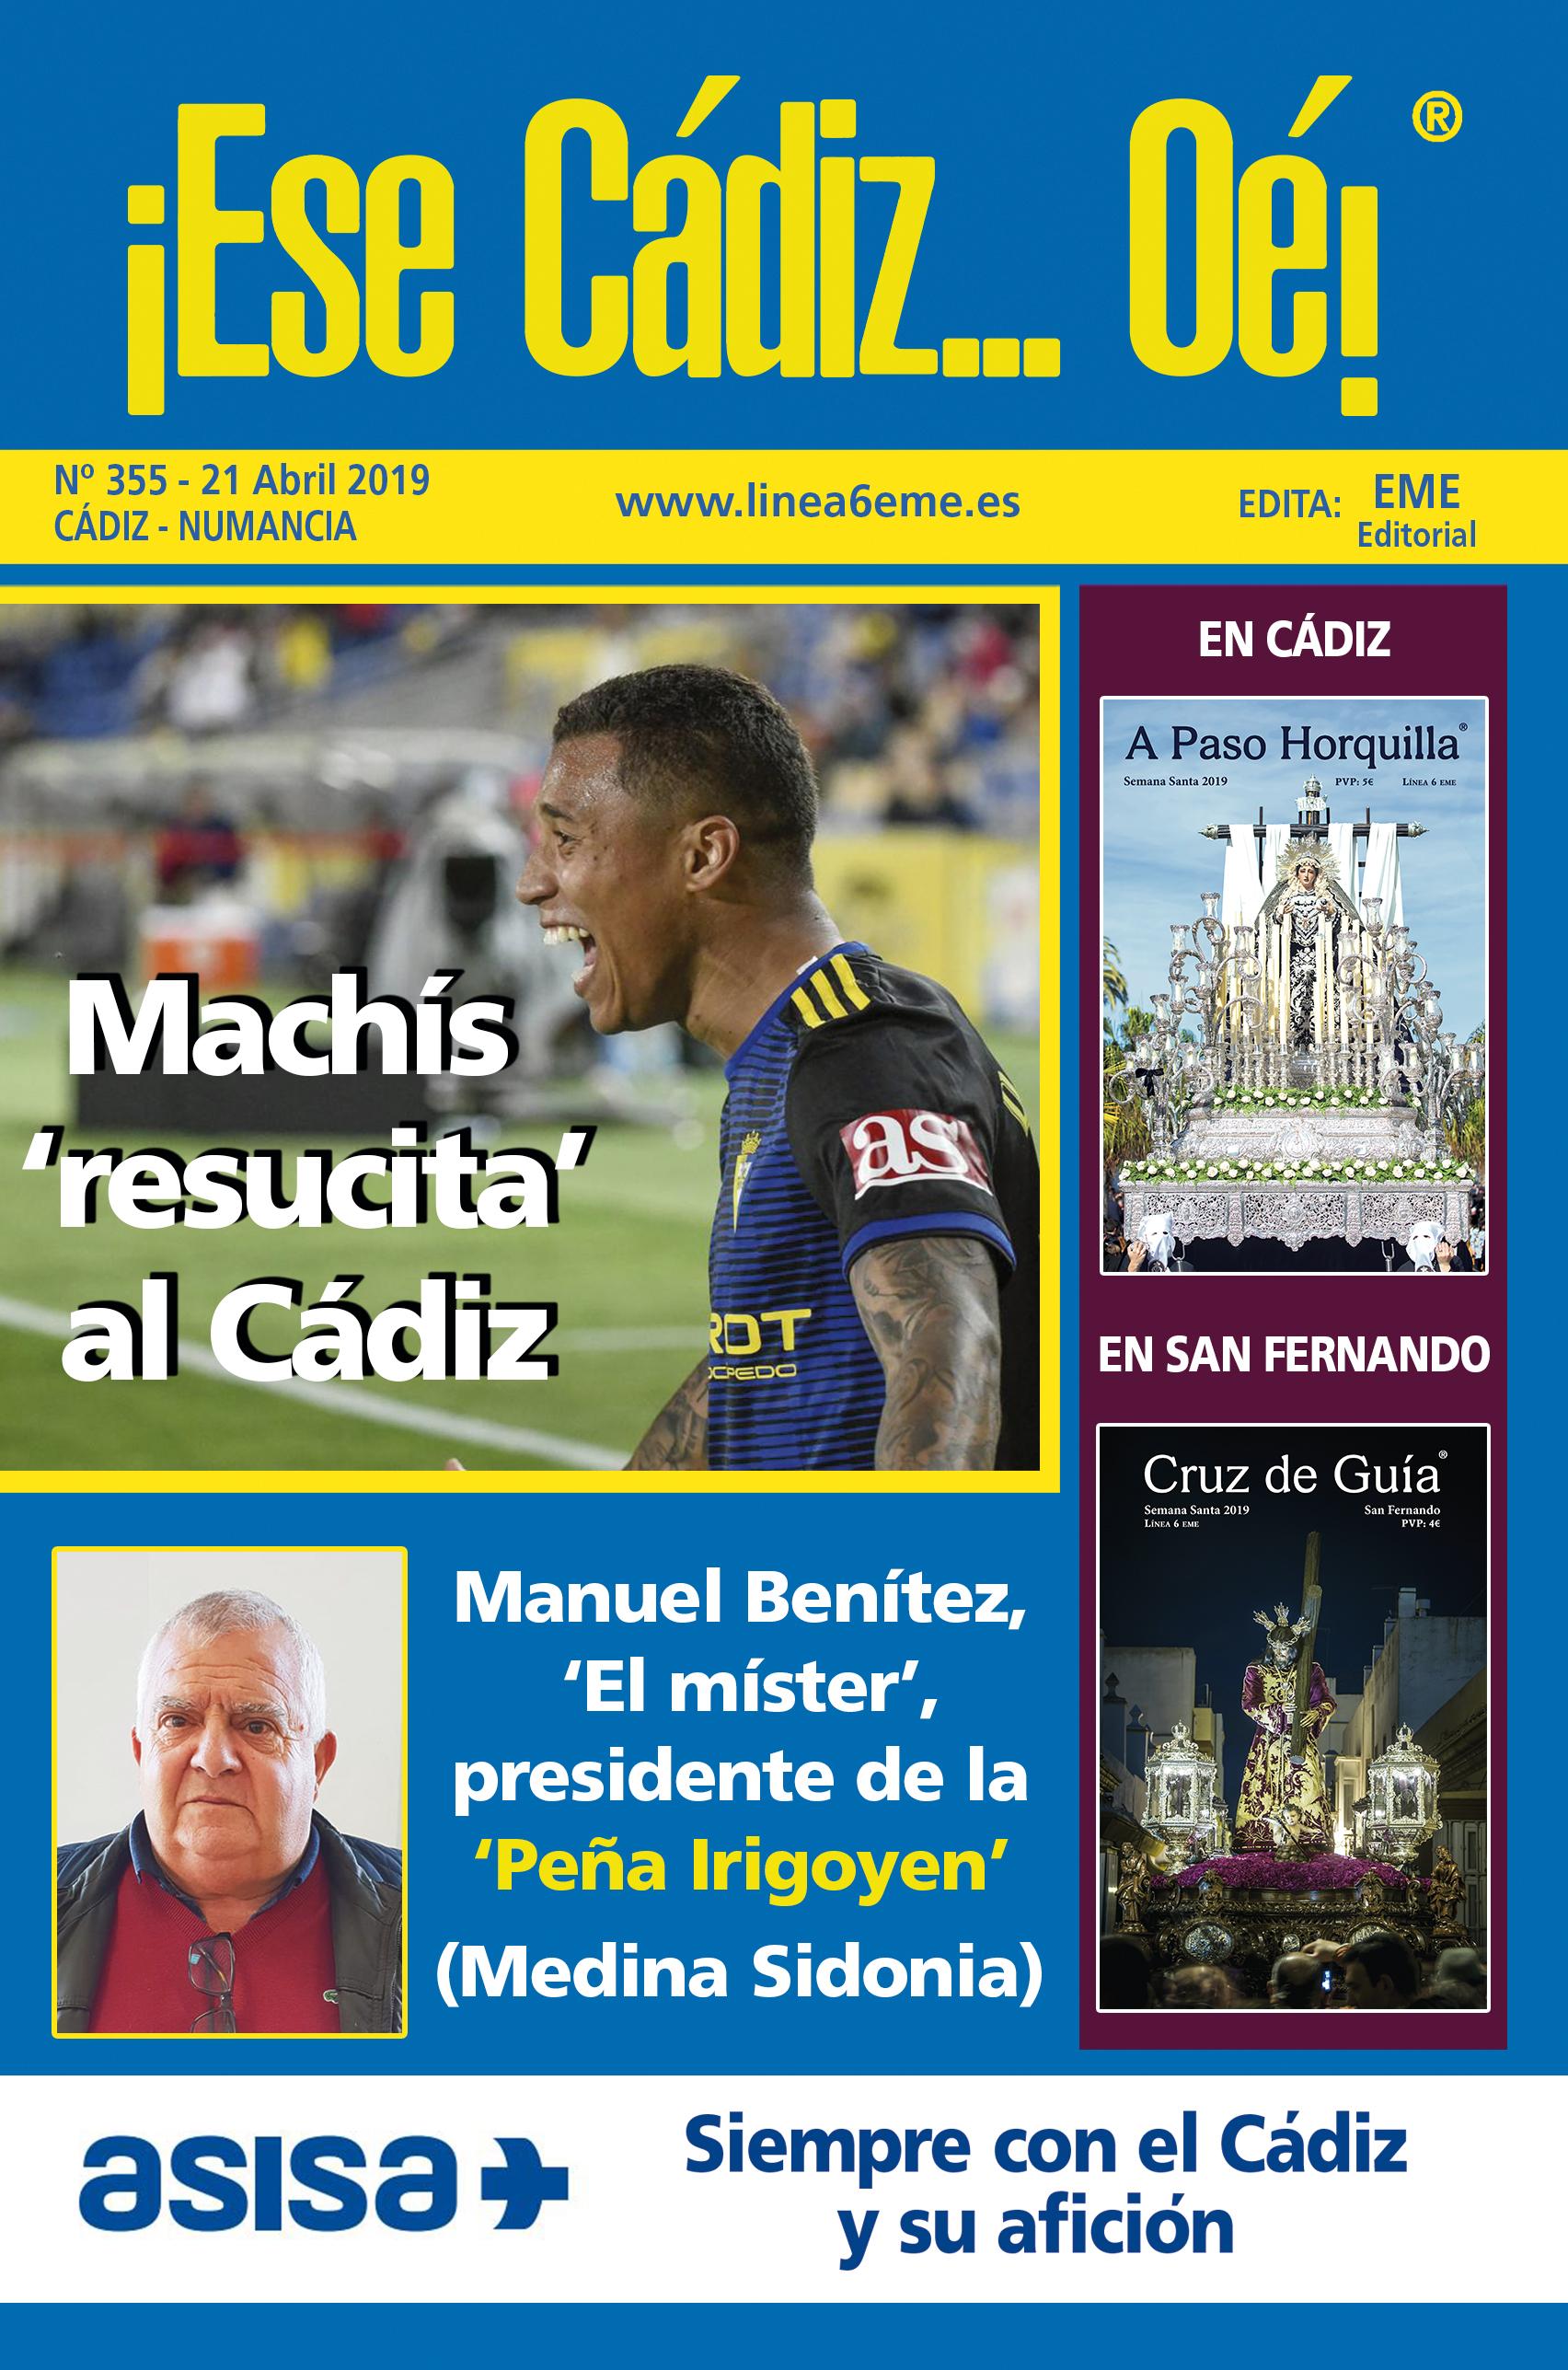 ¡Ese Cádiz…Oé! núm. 355 Temporada 2018/19